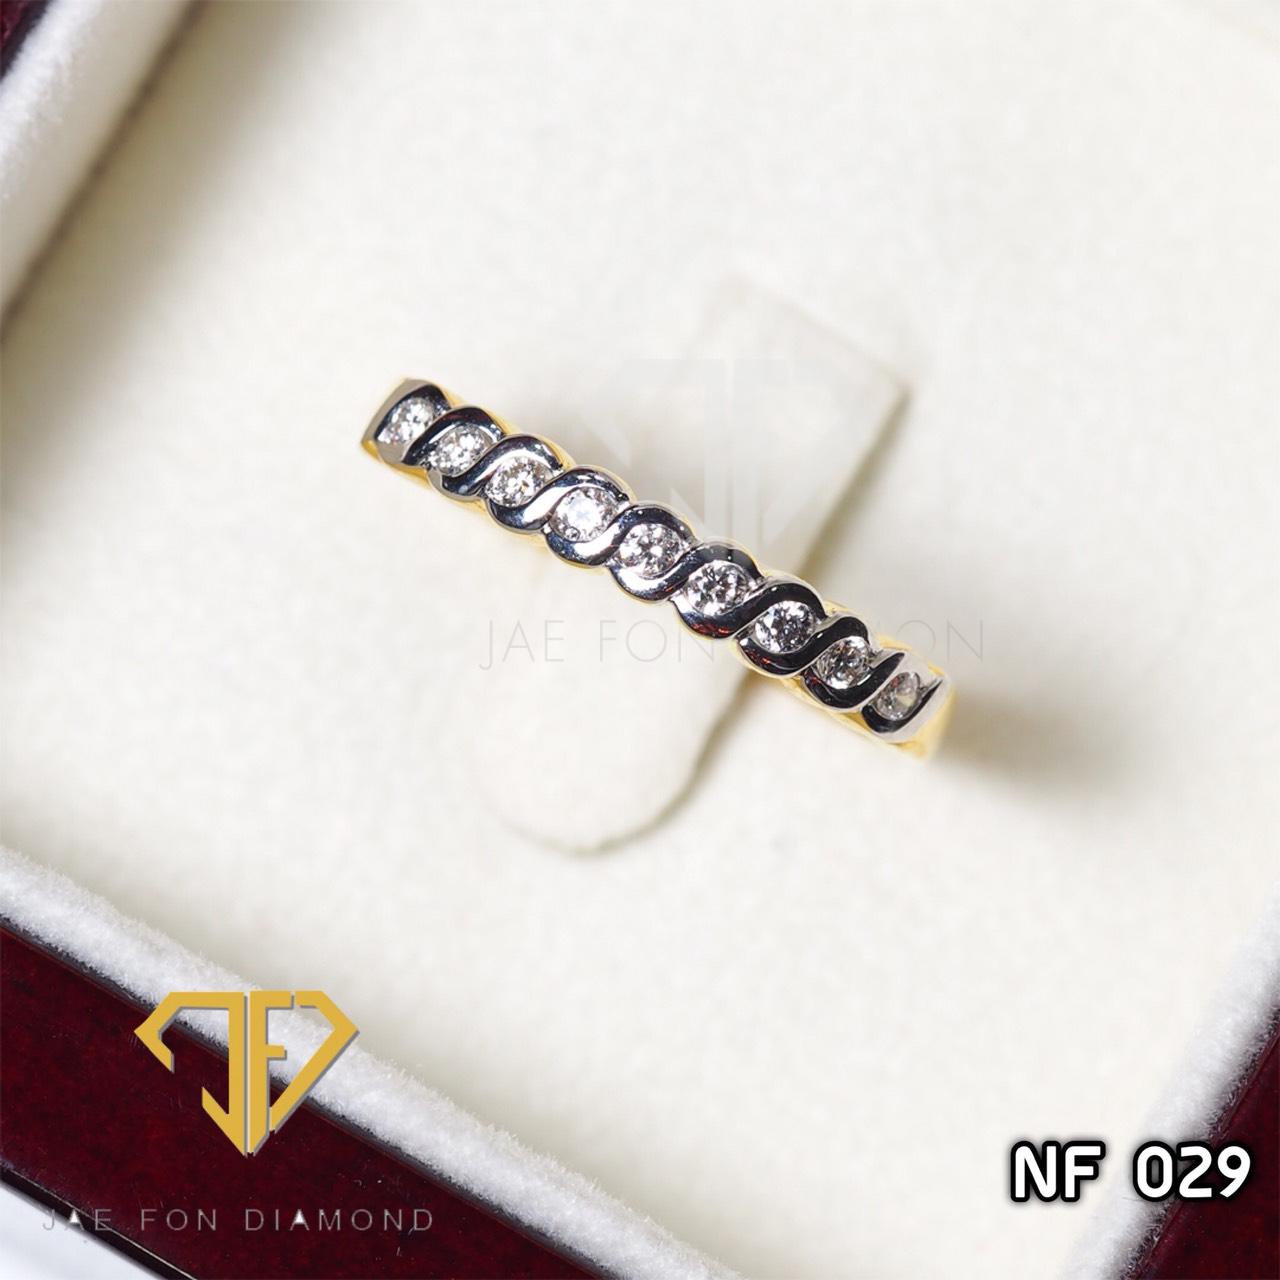 แหวนเพชรเบลเยี่ยมแท้ น้ำ98 ลายตาม้า